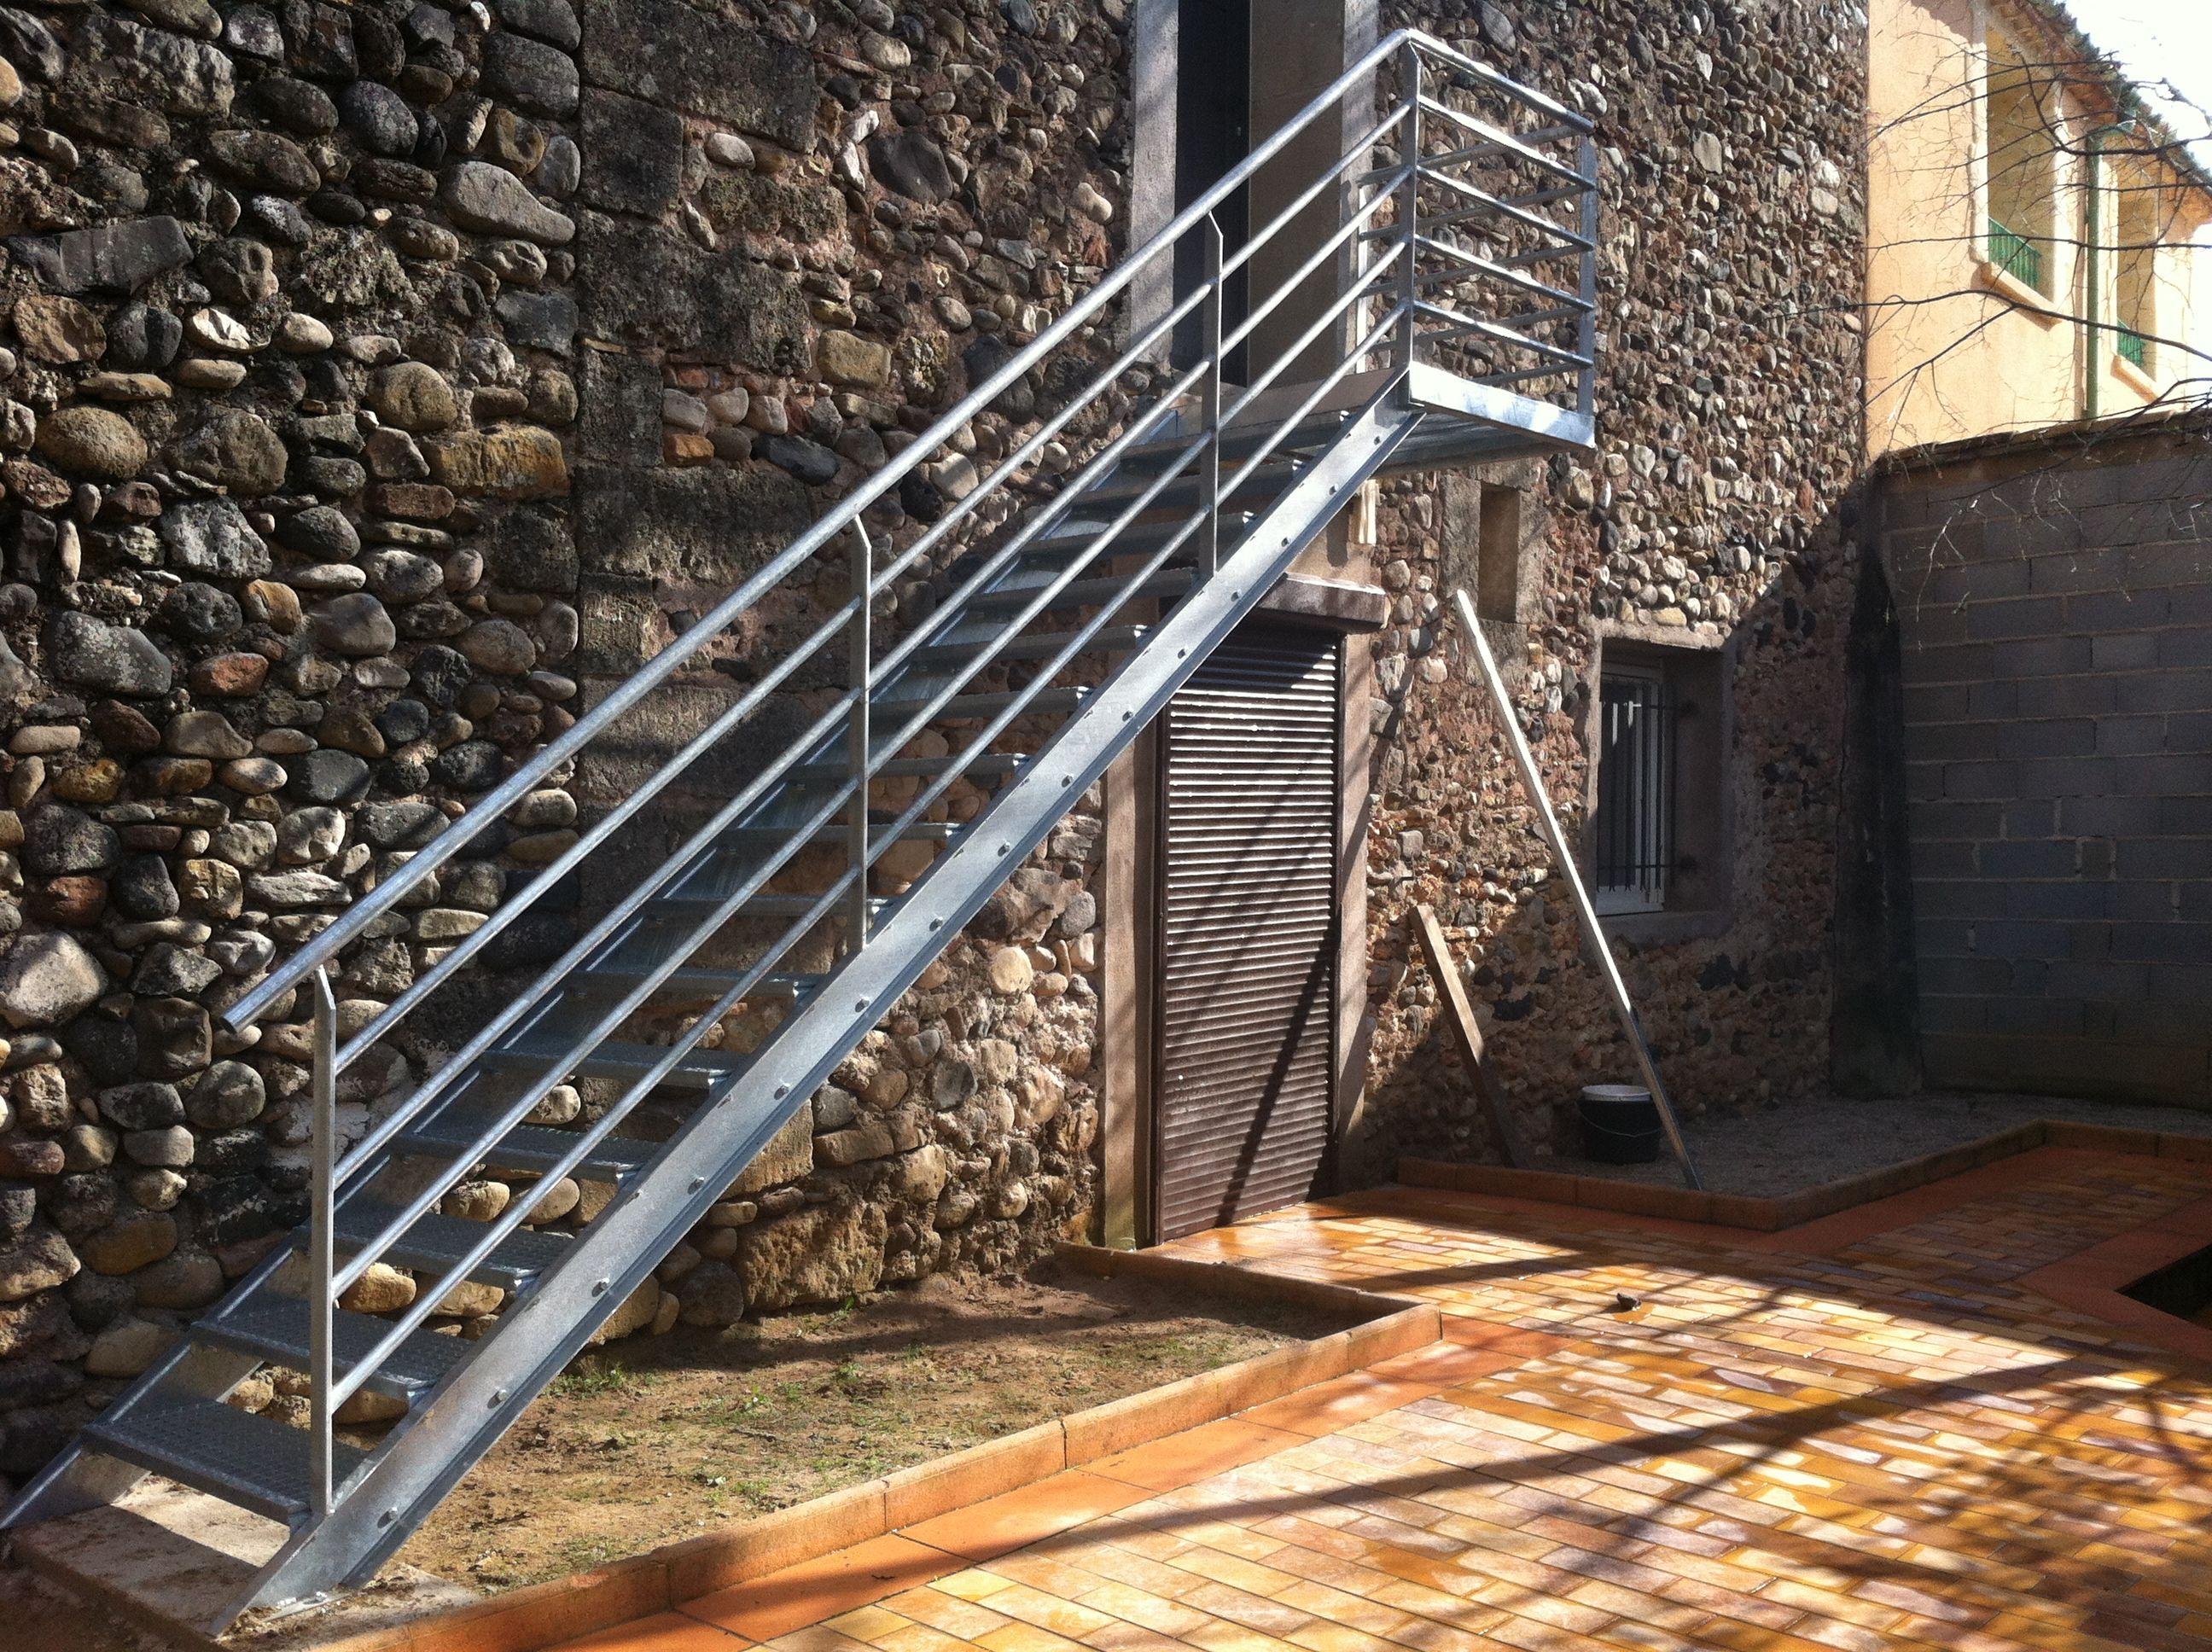 Escalier En Caillebotis Métallique intérieur escalier métal sur mesure béziers et alentours -mvp-escalier mÉtal